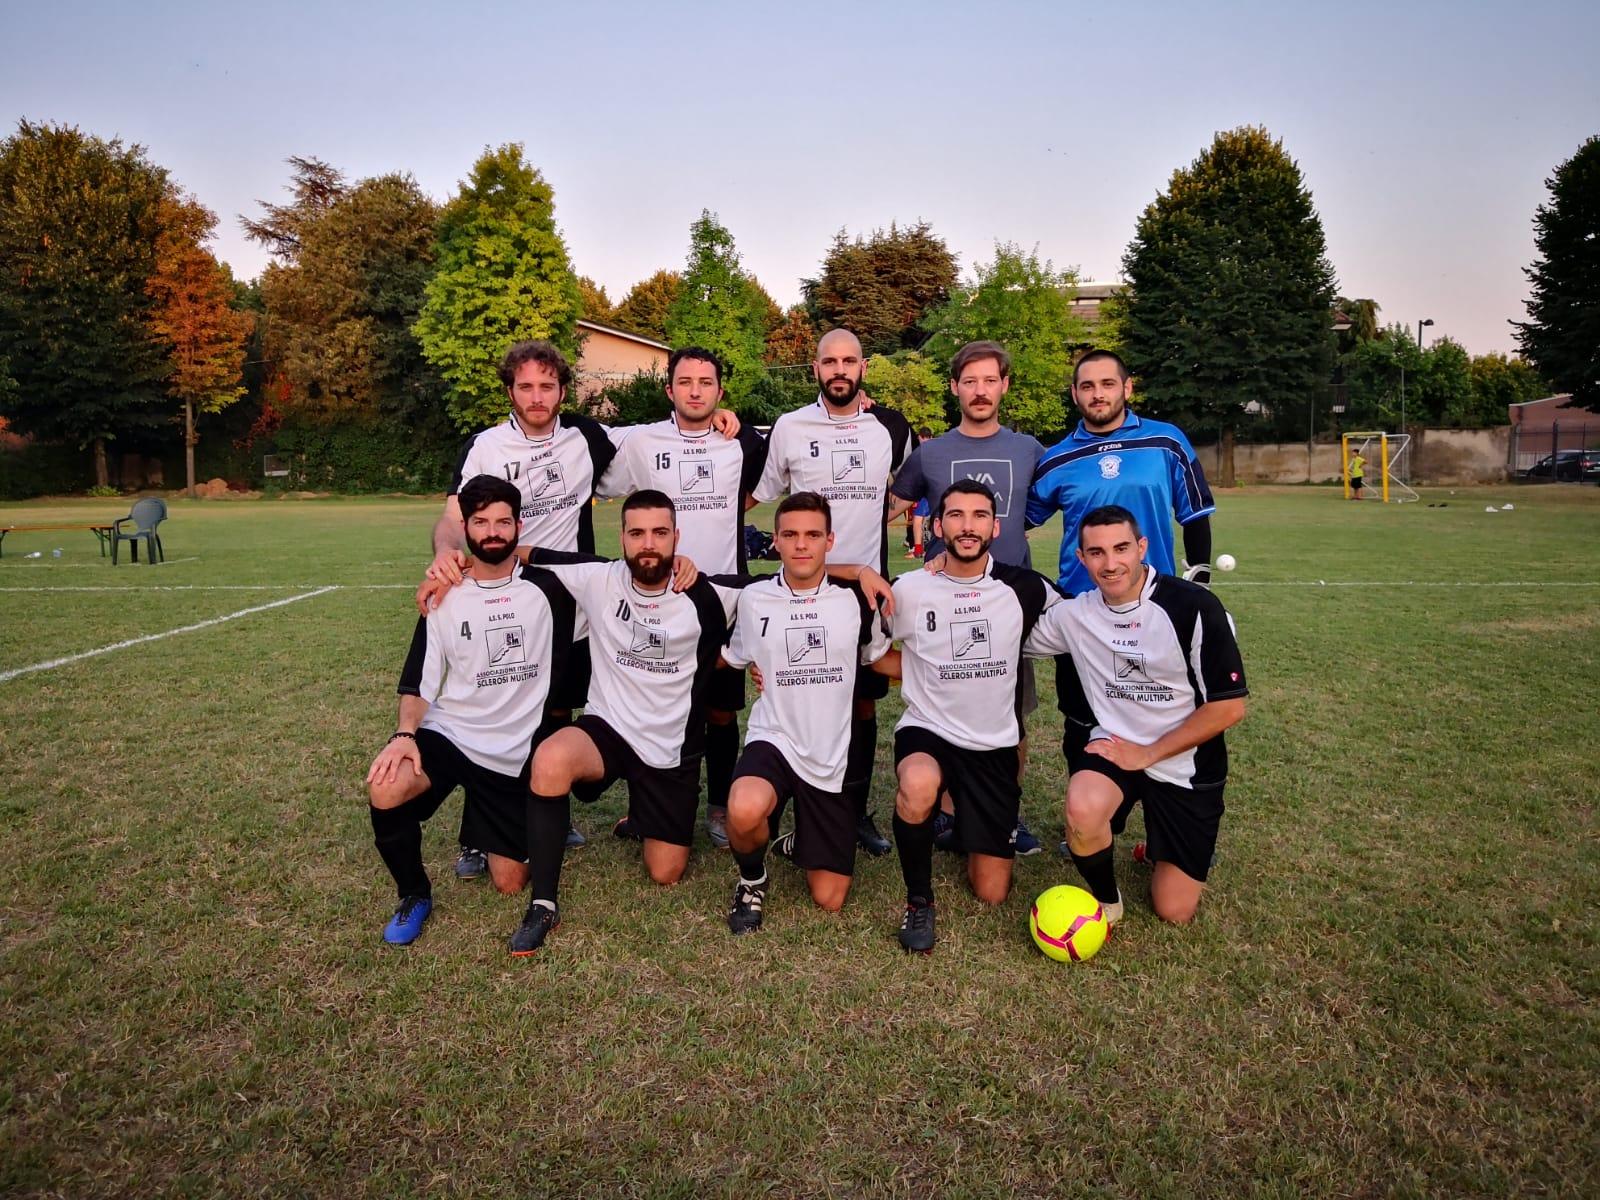 gare Trofeo academy 2019 (23)